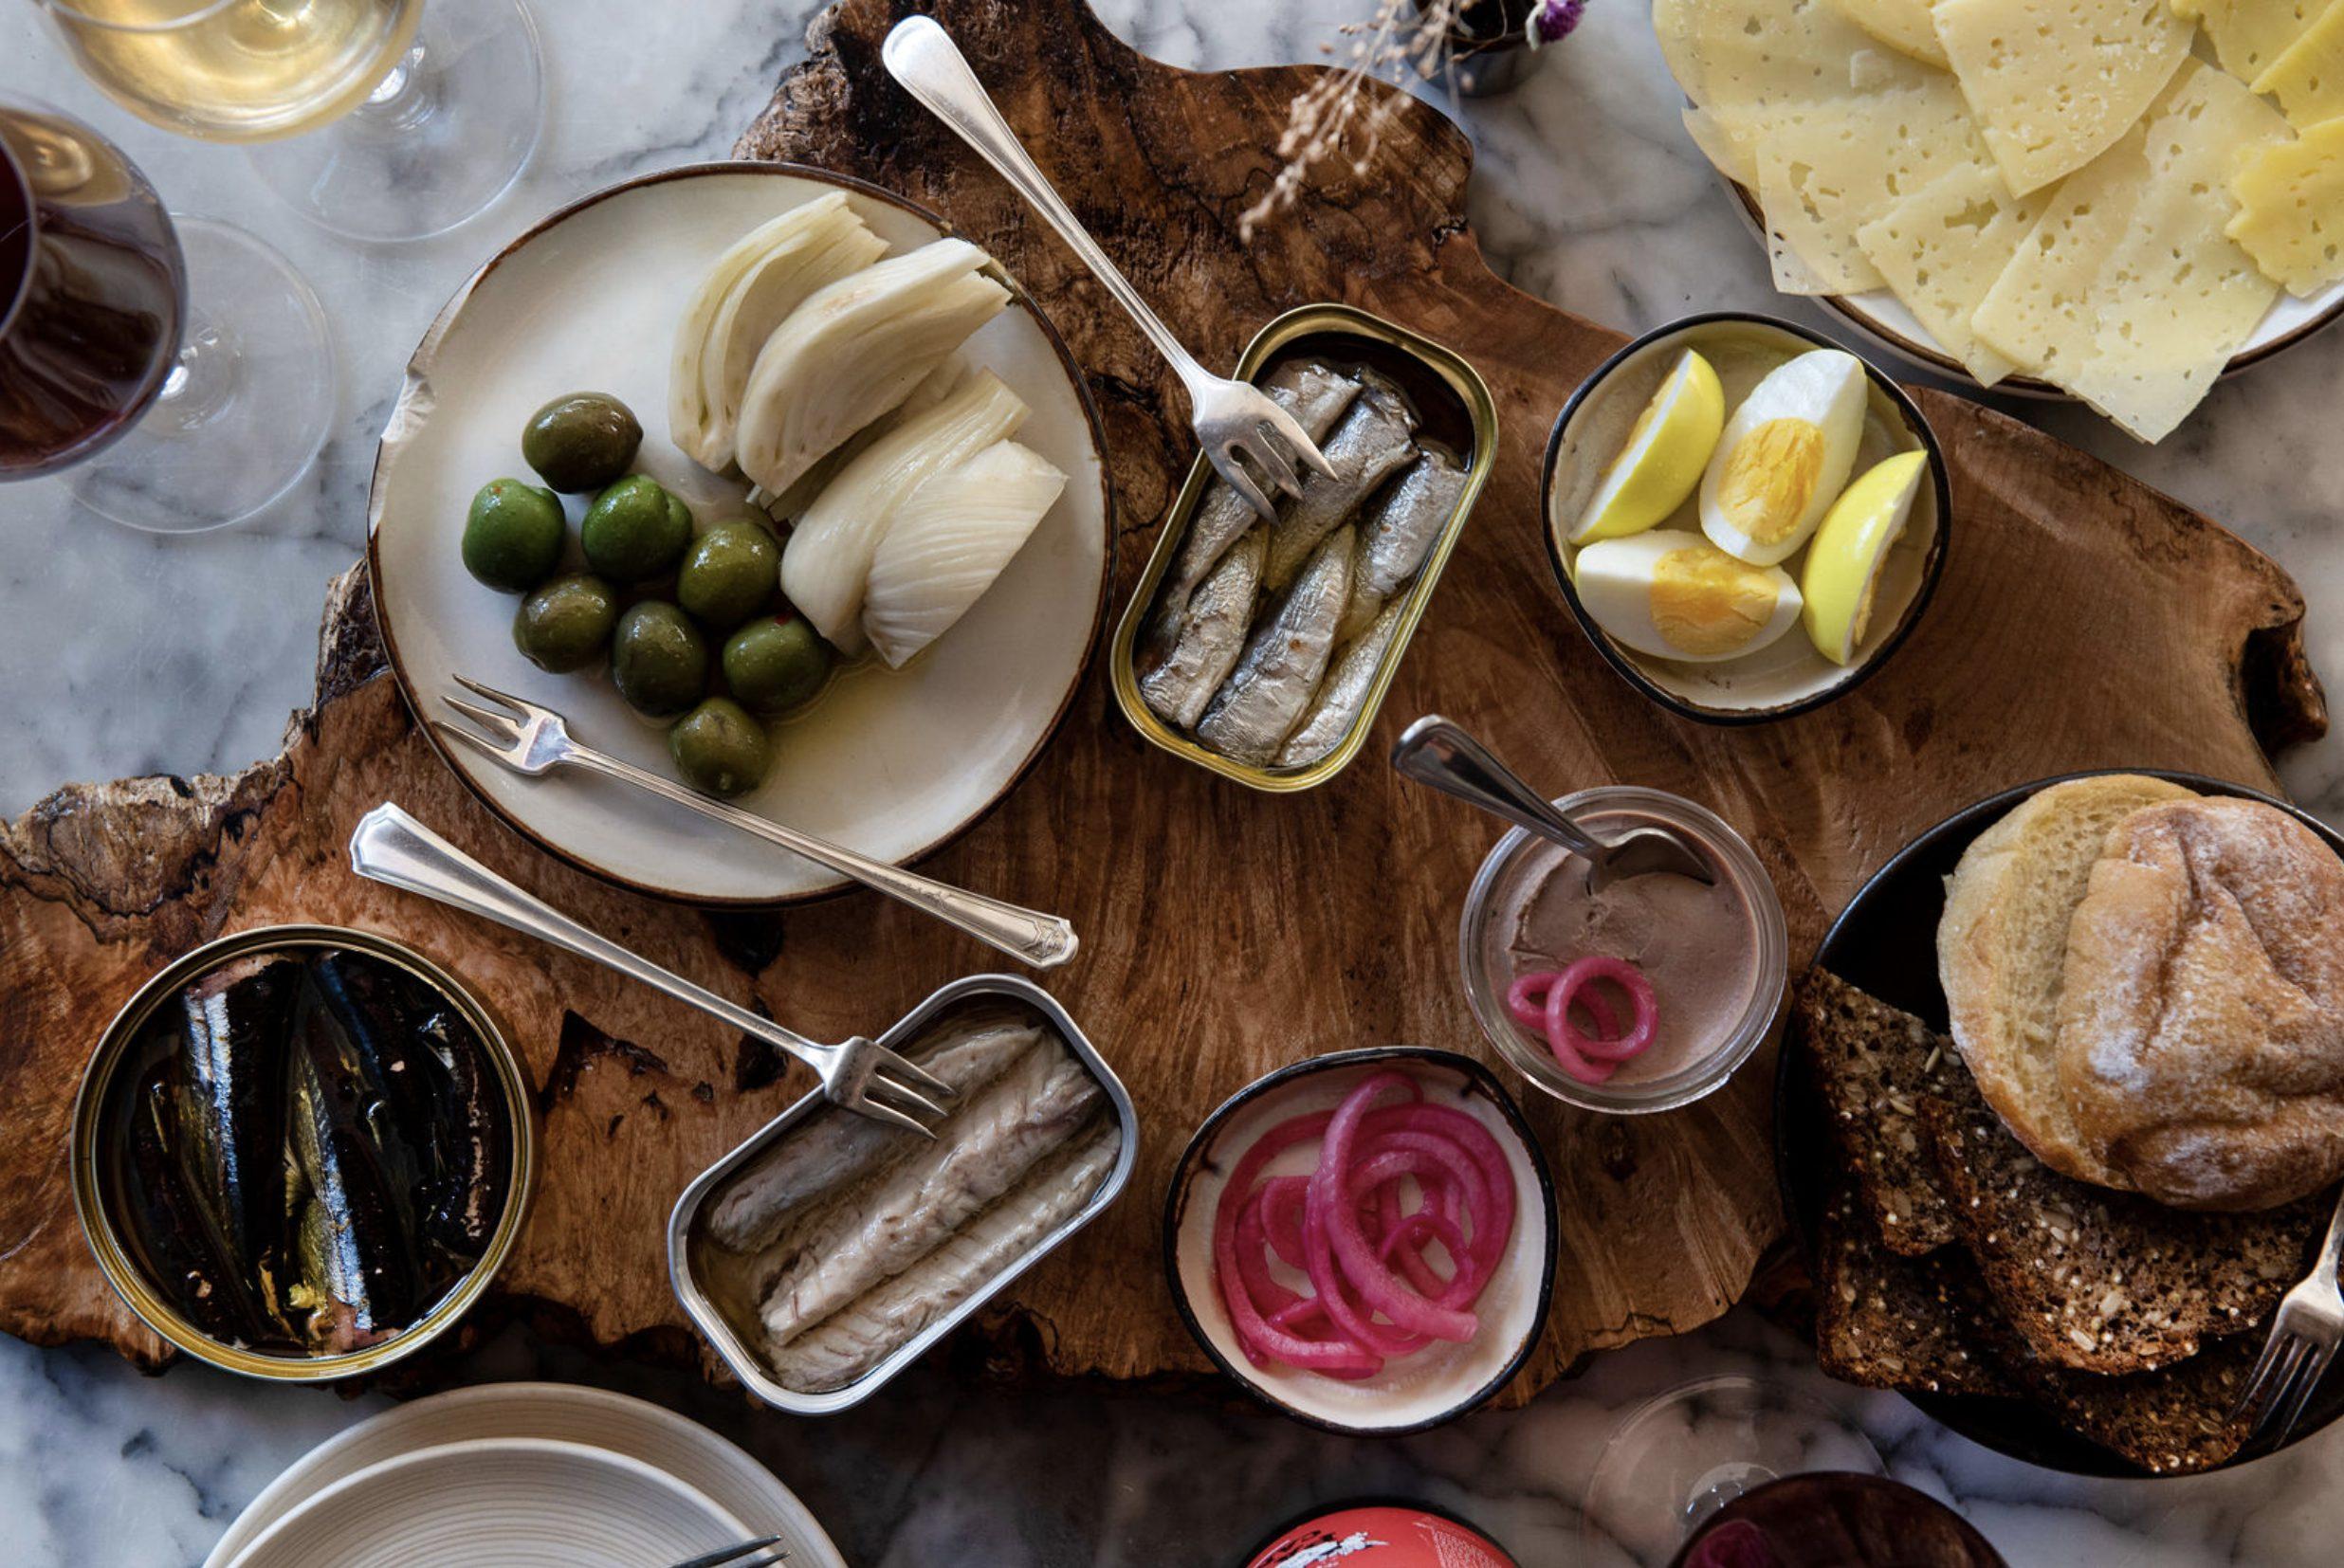 A New York il primo ristorante a zero rifiuti: Rhodora spiega come fare